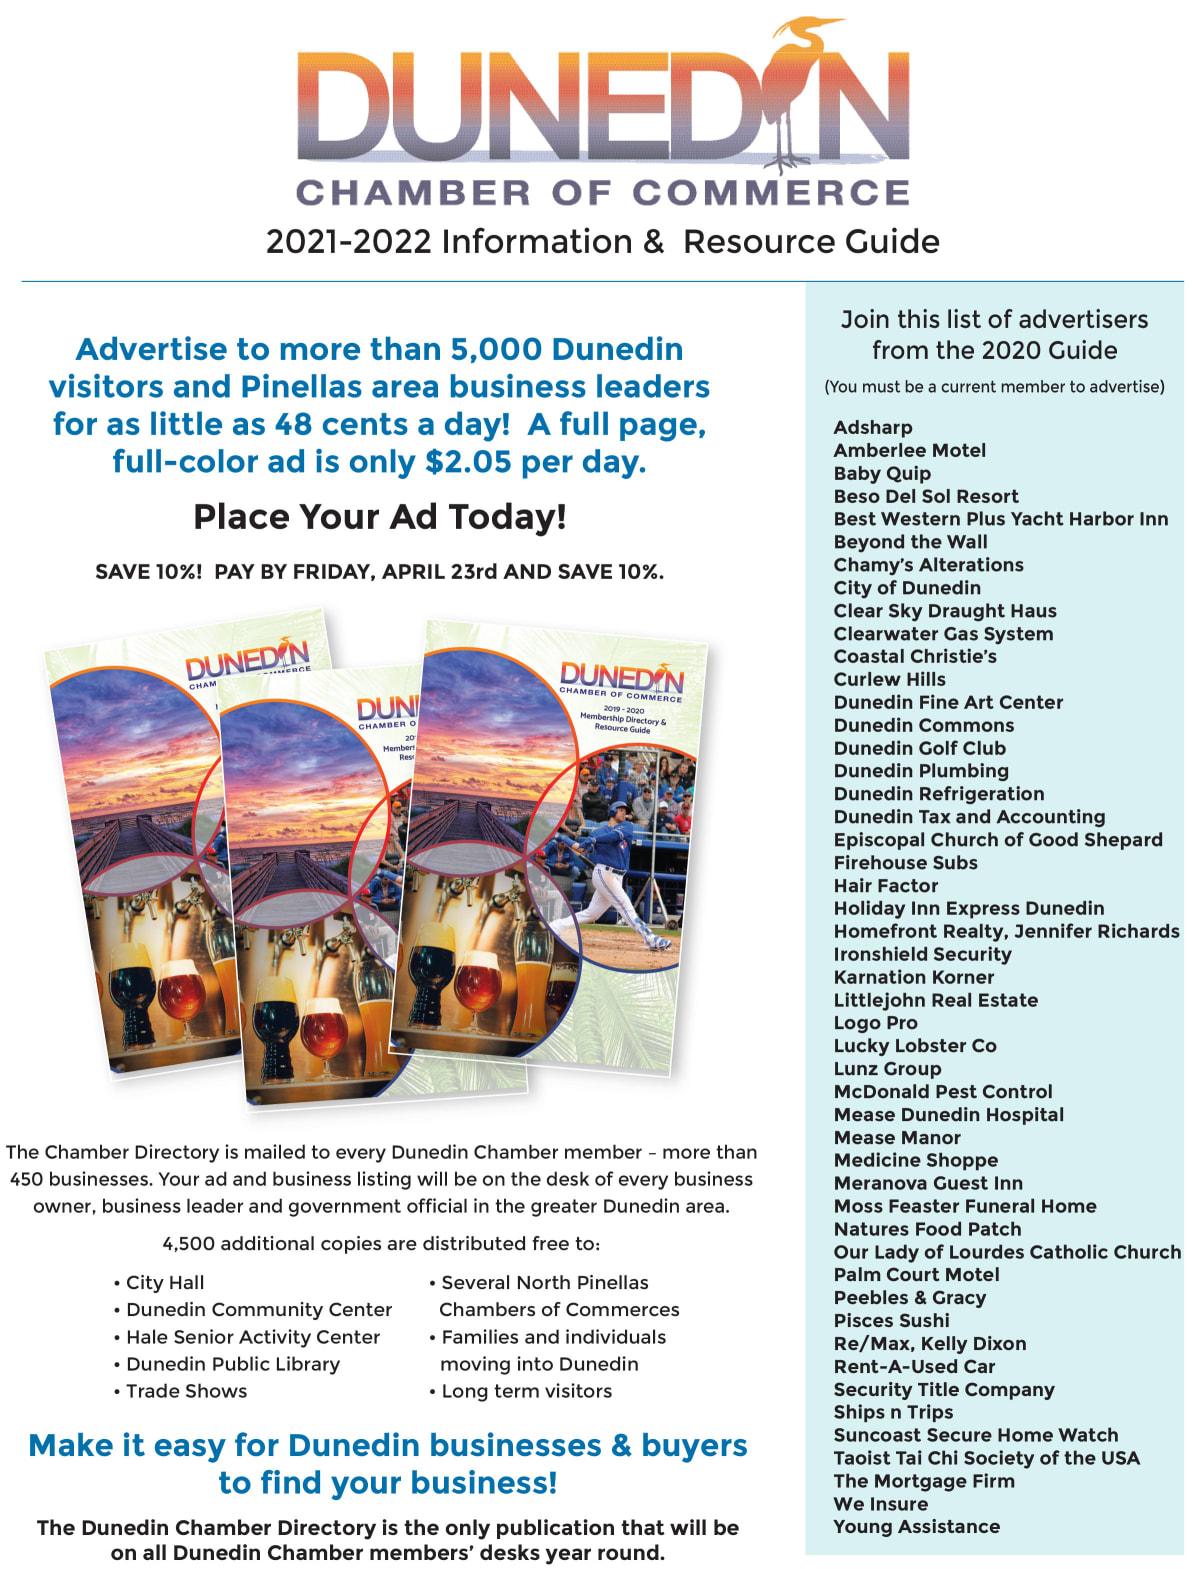 2021-2022-reservation-form-1-w1194.jpg